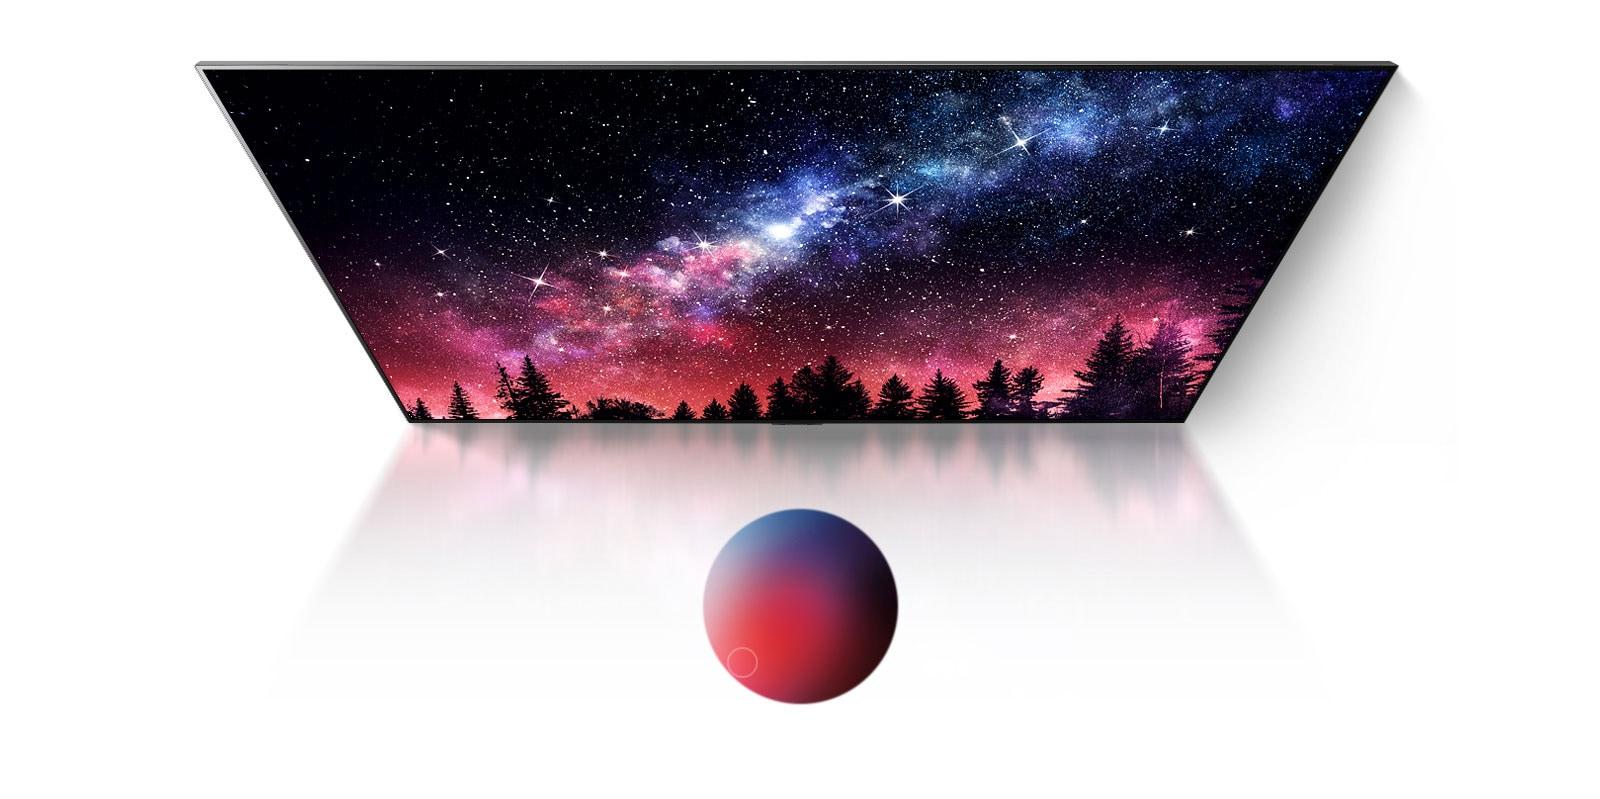 Een tv-scherm dat de melkweg, een blauwe hemel en een explosie van kleurrijk stof met grote kwaliteit toont (speel de video)